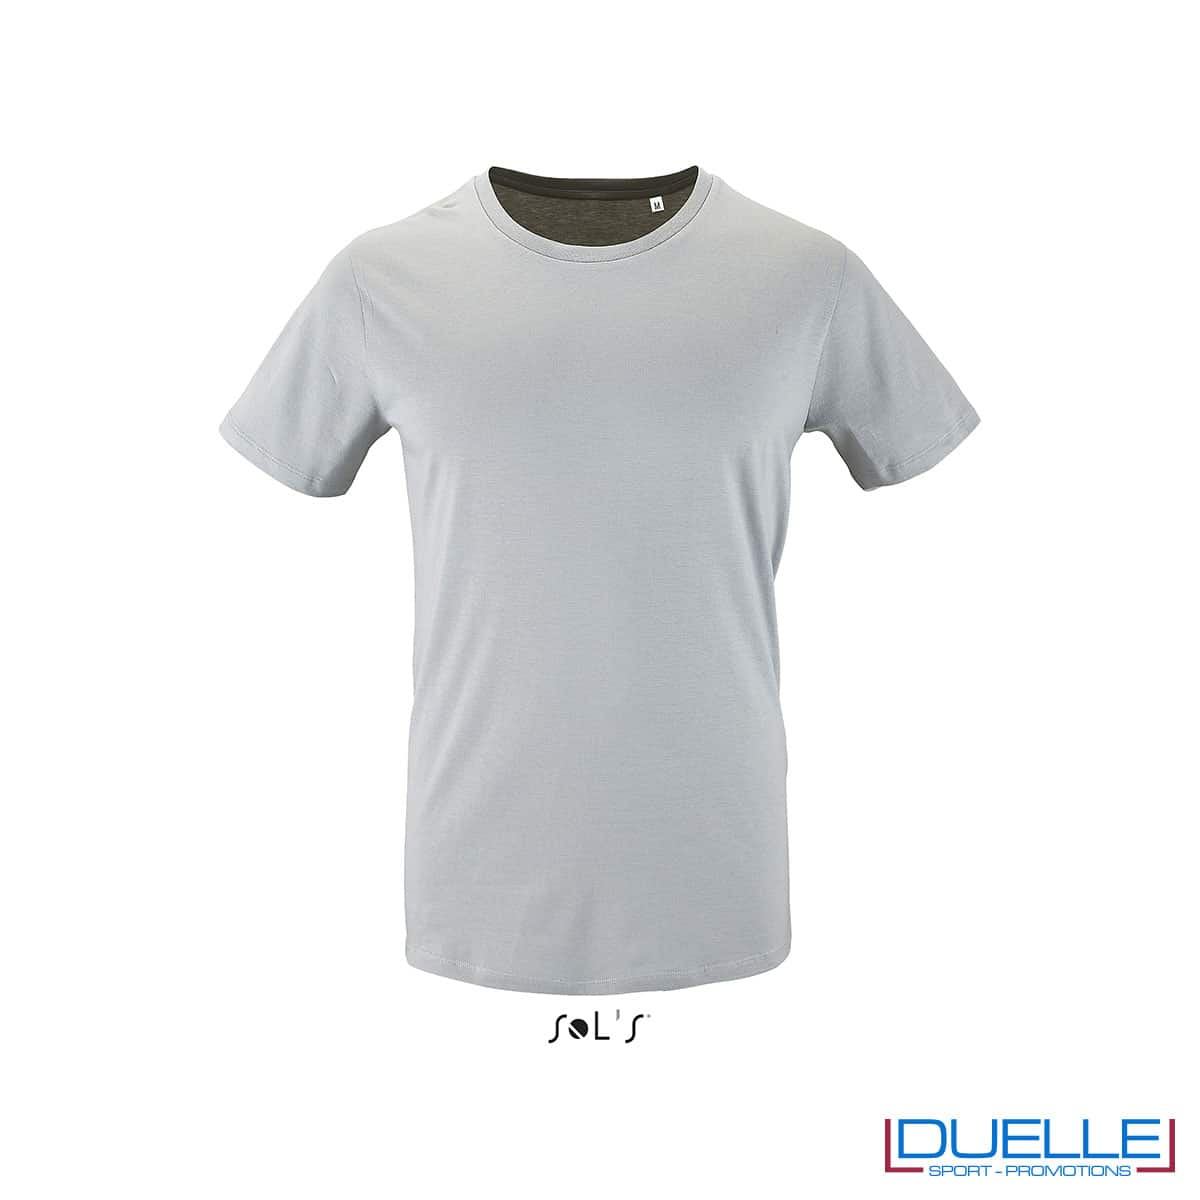 T-shirt 100% cotone biologico colore grigio personalizzata con il tuo logo